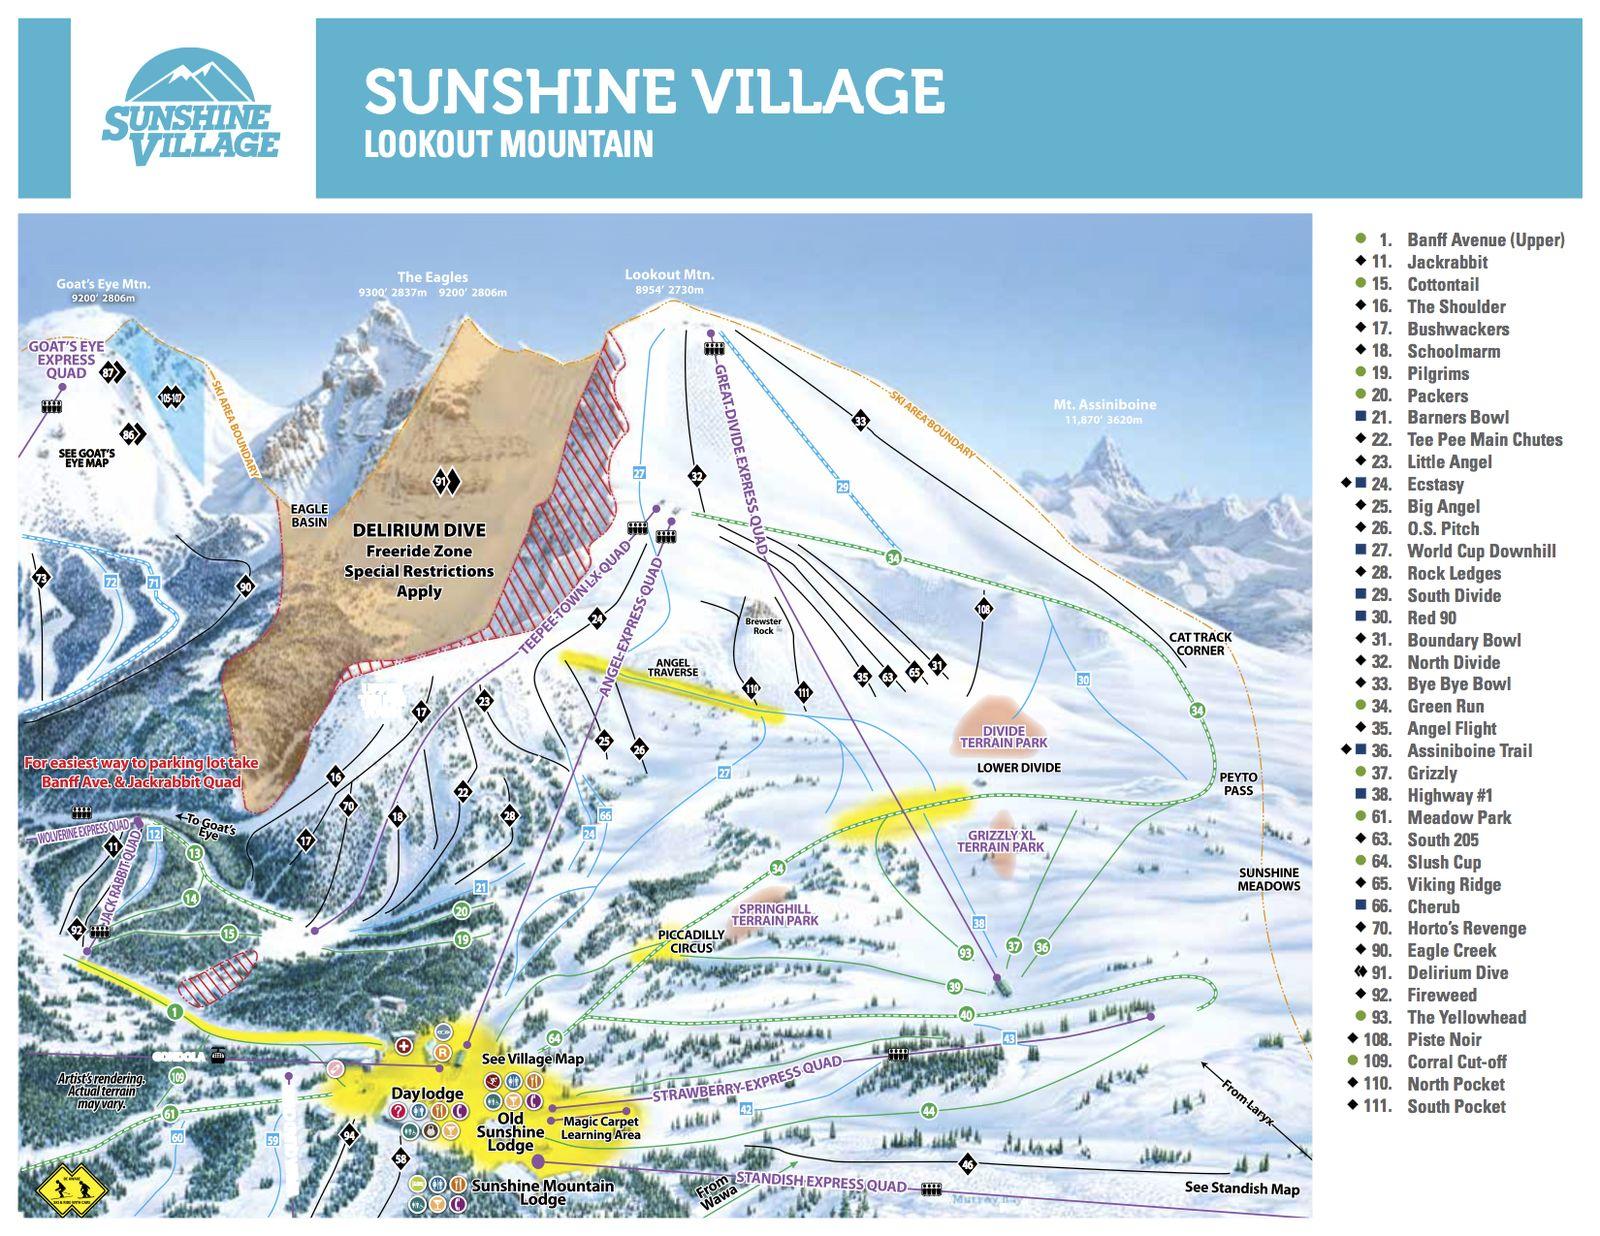 Pistenplan Sunshine Village - Lookout Mountain